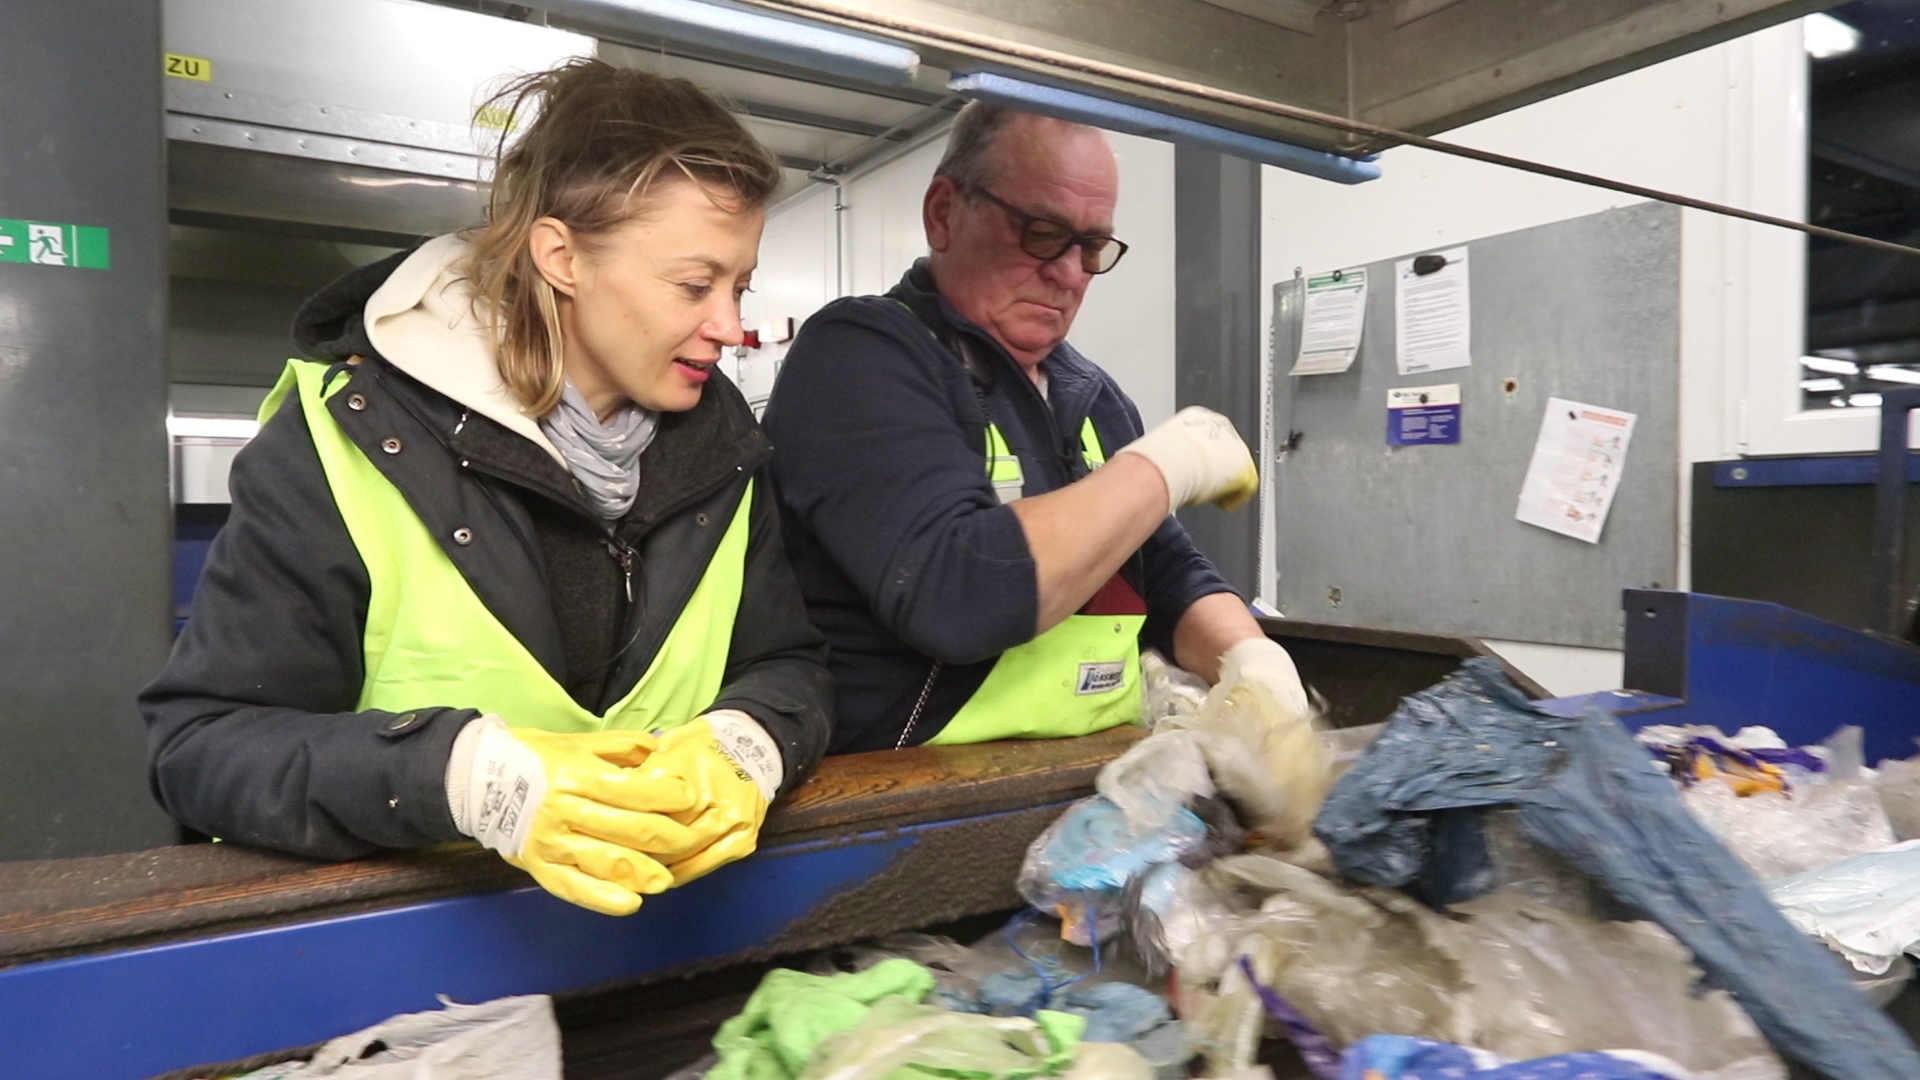 Plastik Recycling: Anne und Bernd am Fließband